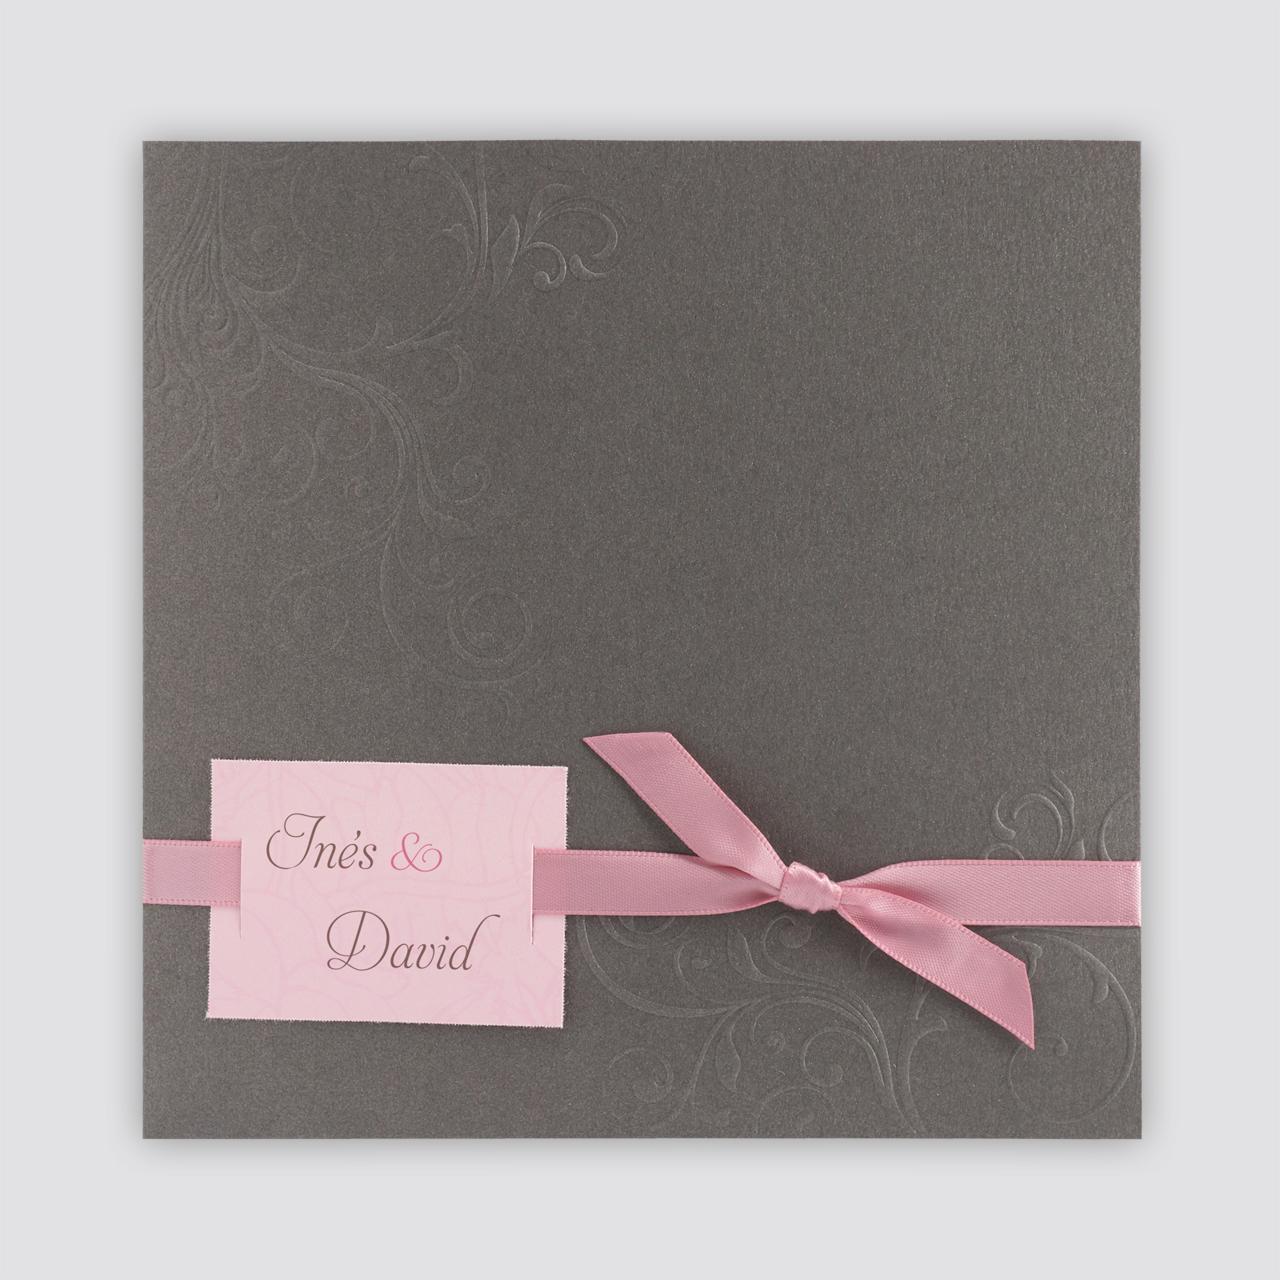 Moderne Hochzeitseinladungen Altrosa Hochzeitskarten Karte Hochzeit Hochzeitseinladung Romantische Hochzeitseinladungen